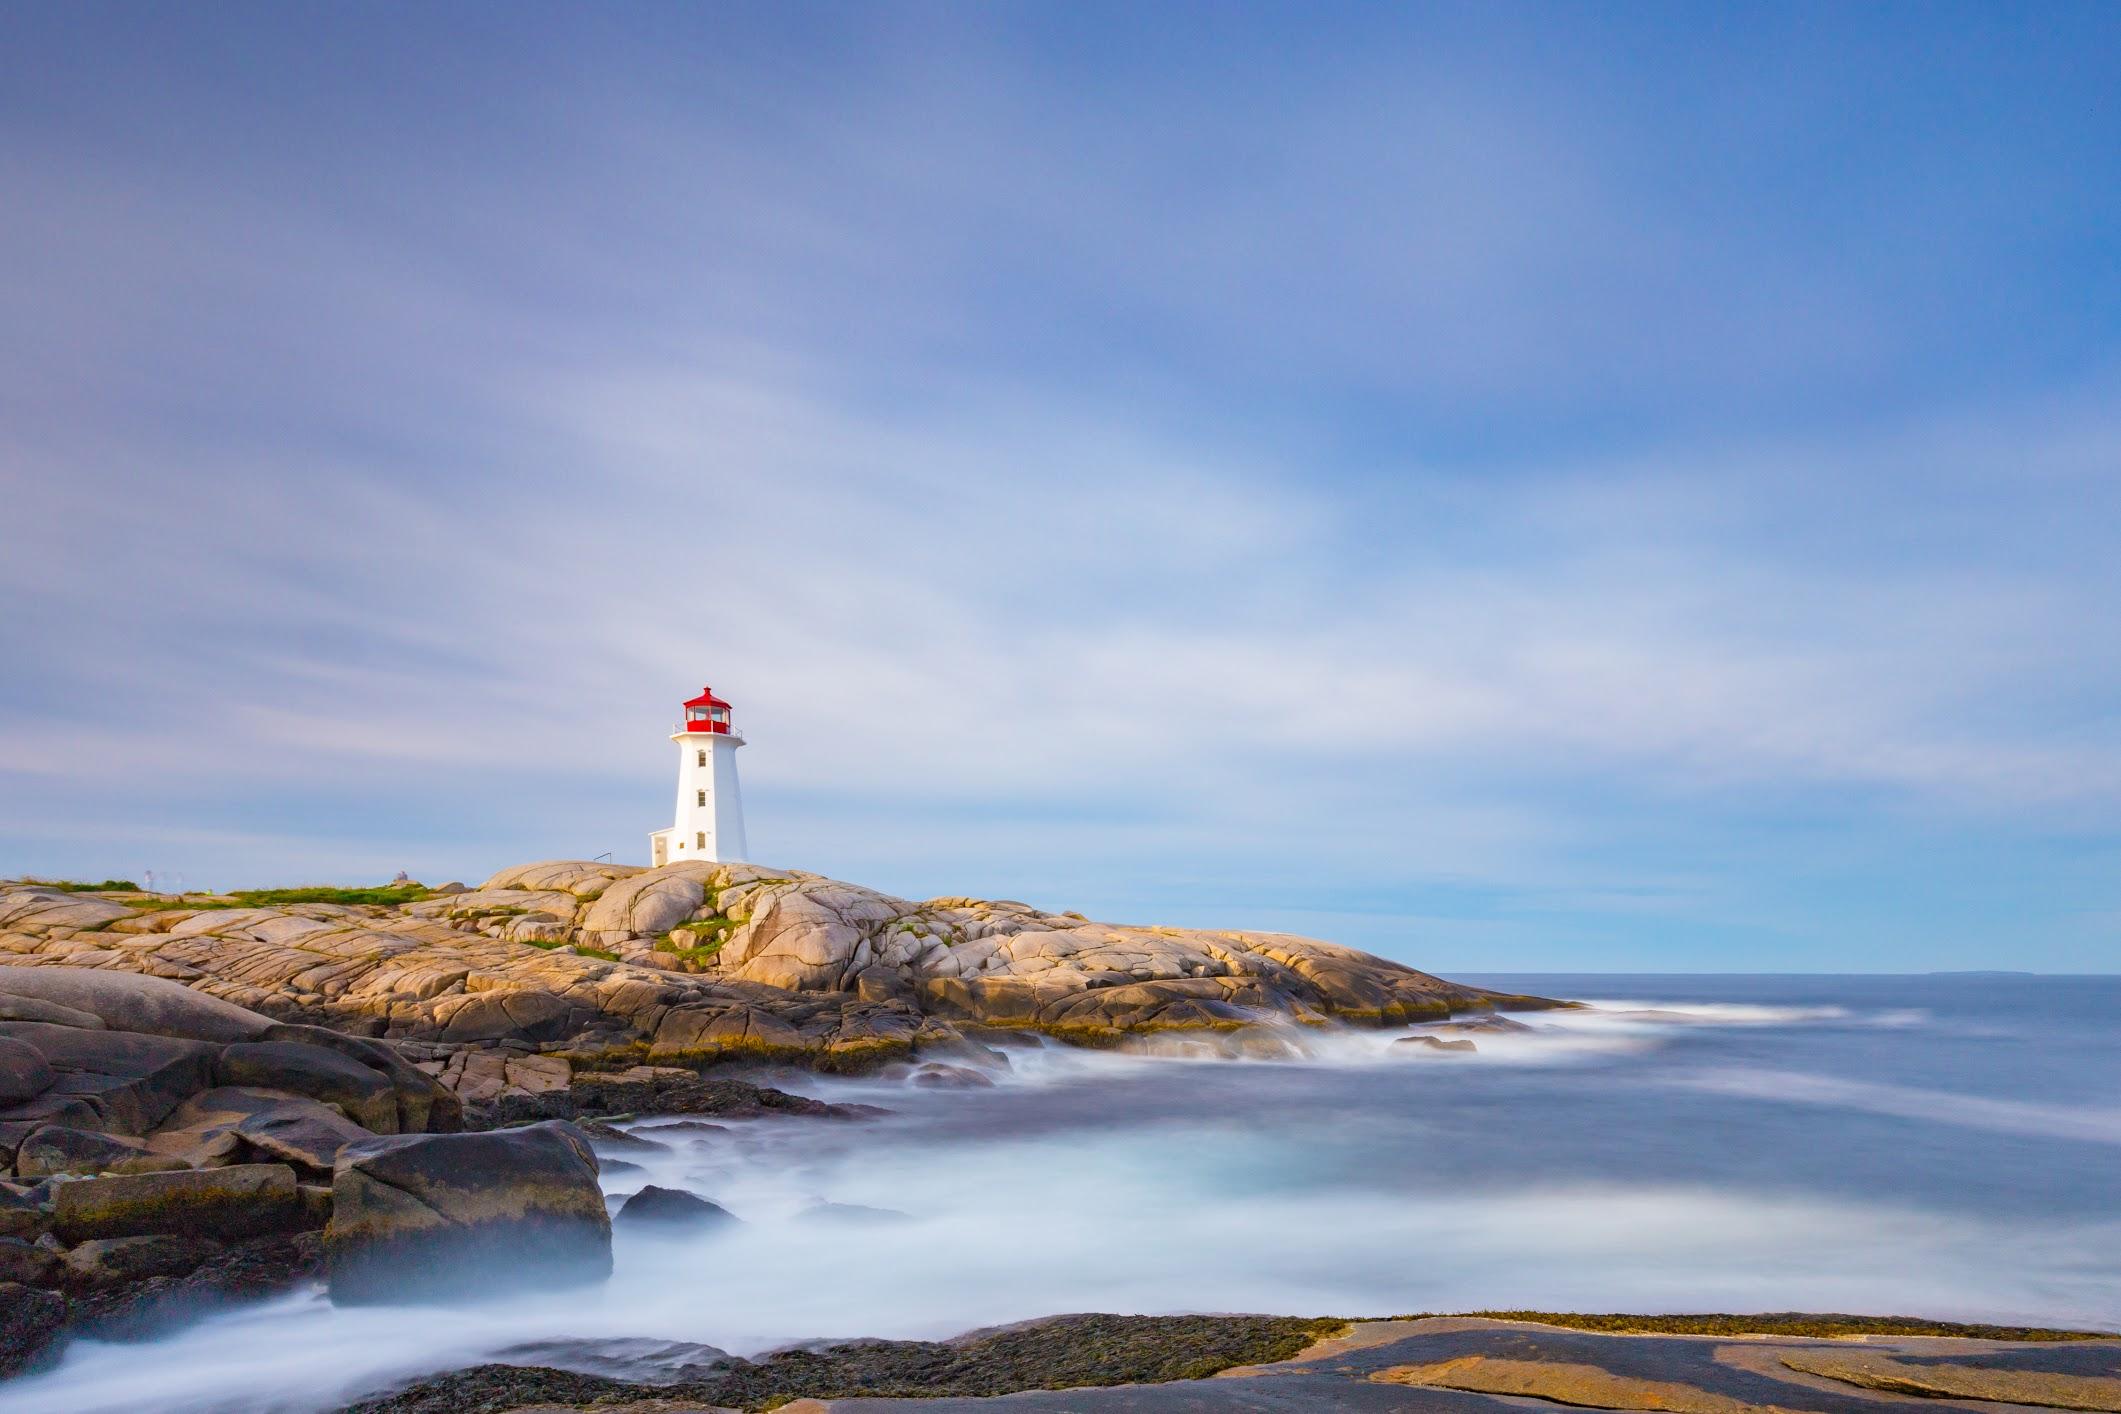 Peggys-Point-Lighthouse-1.jpg